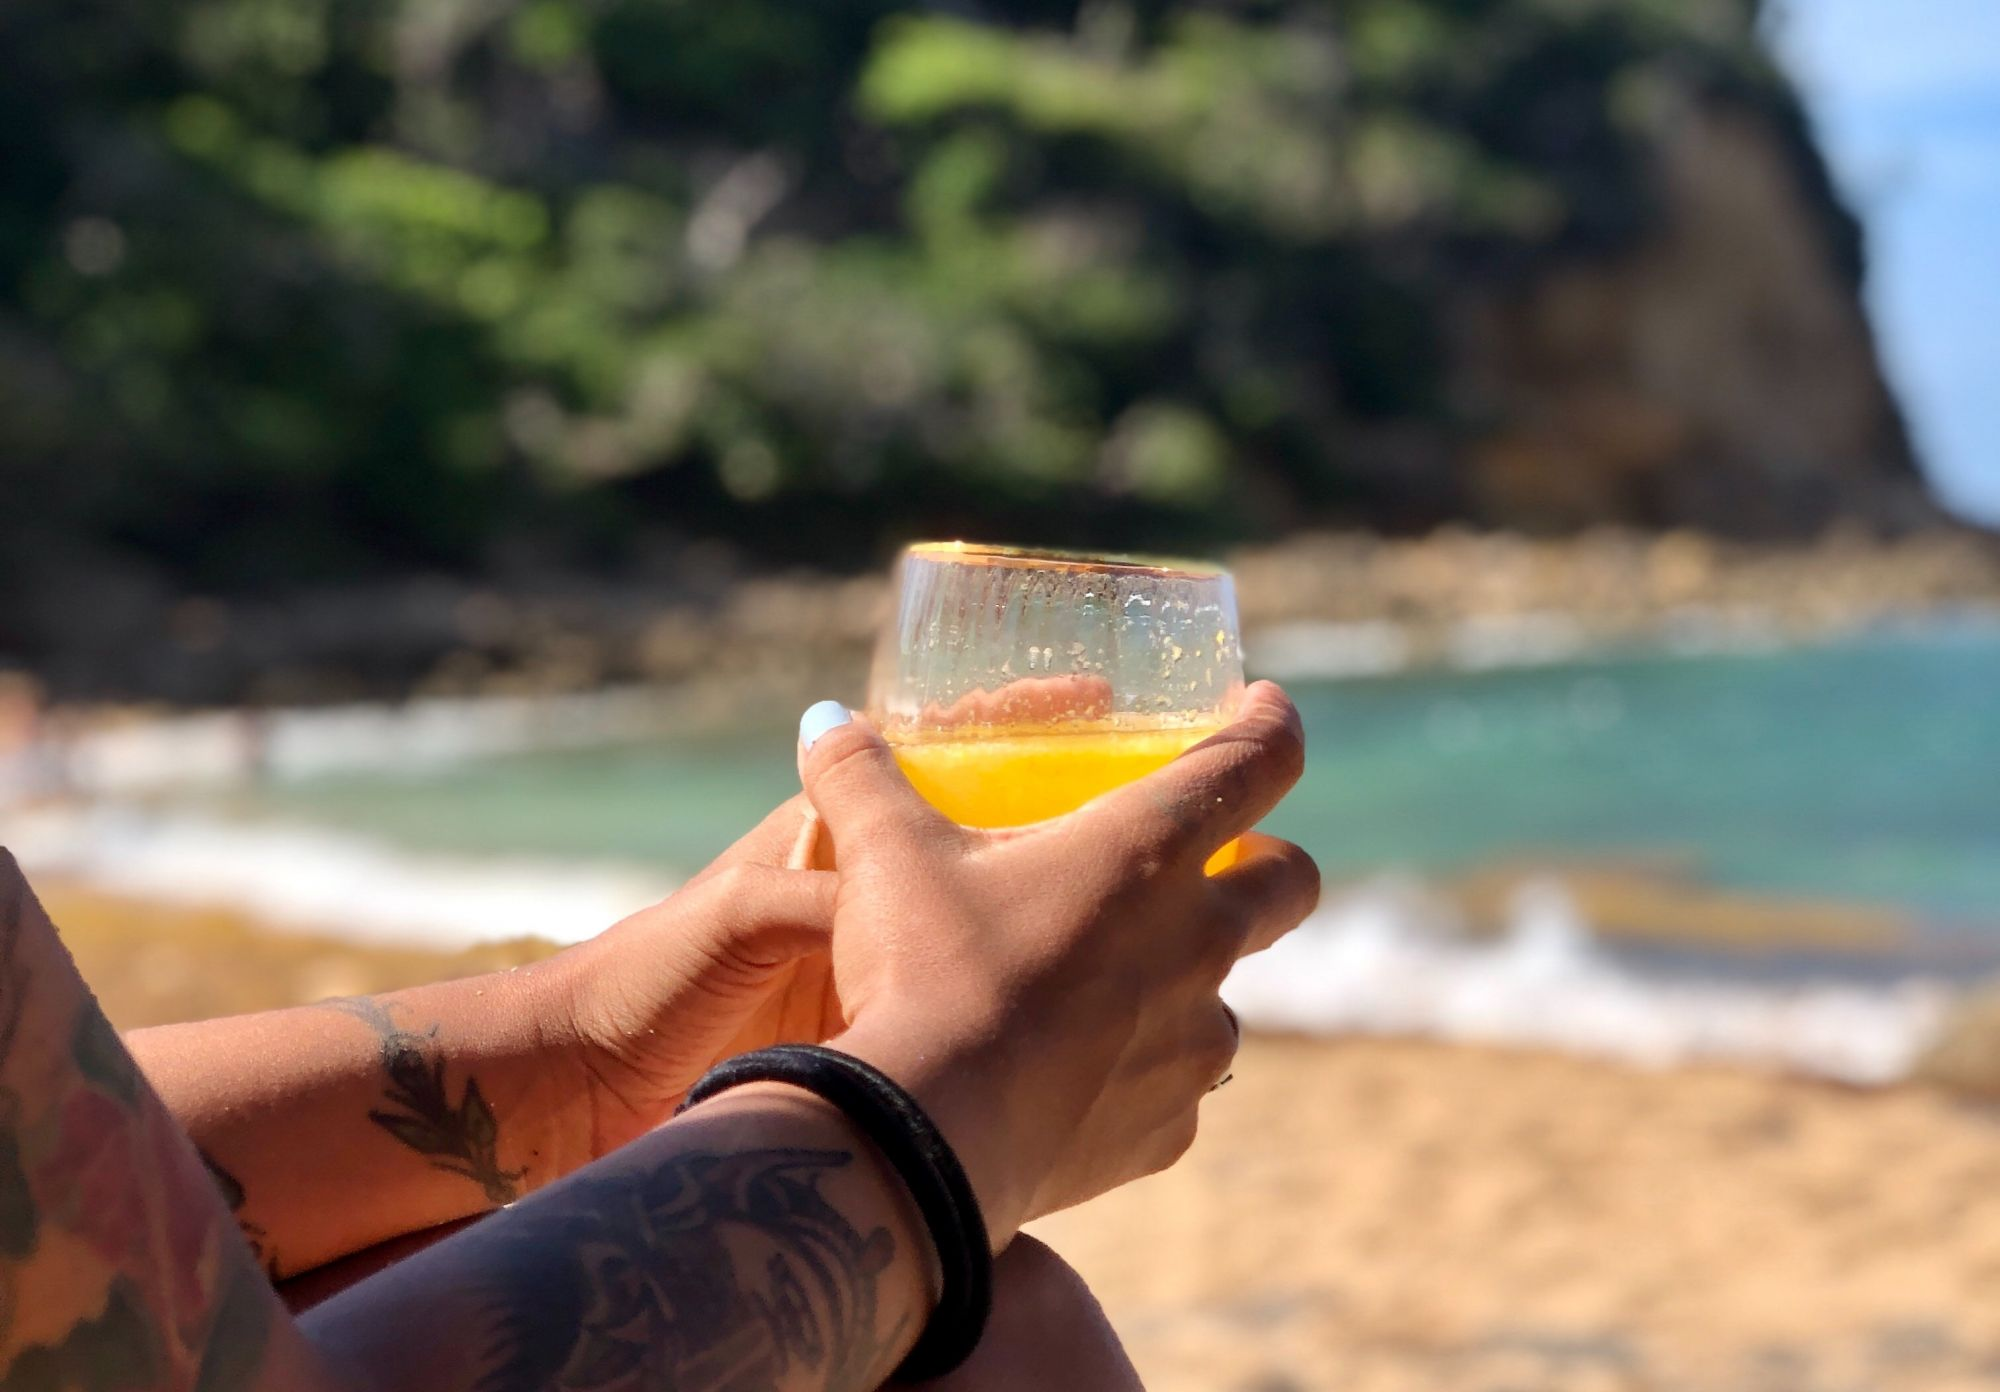 Run Rabbit Run & ARC Gin Launch Filipino Inspired Cocktails